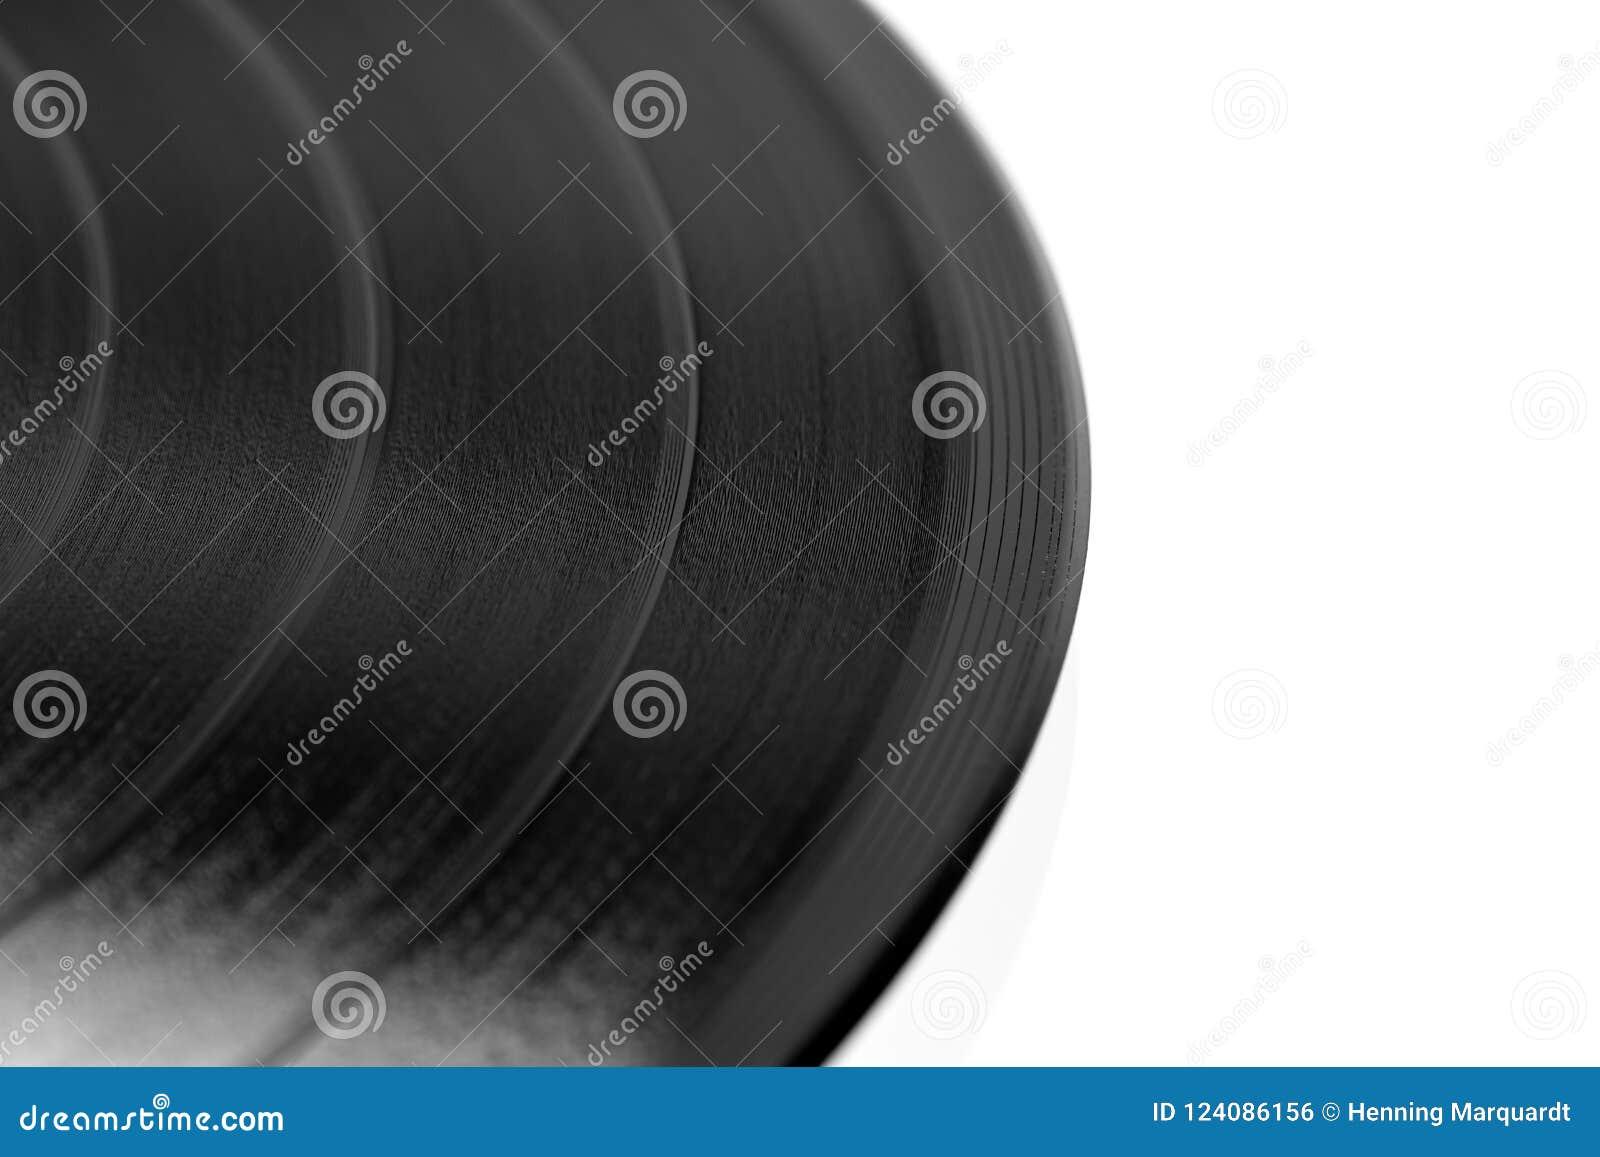 Närbild av en svart retro rekord- yttersida med kopieringsutrymme